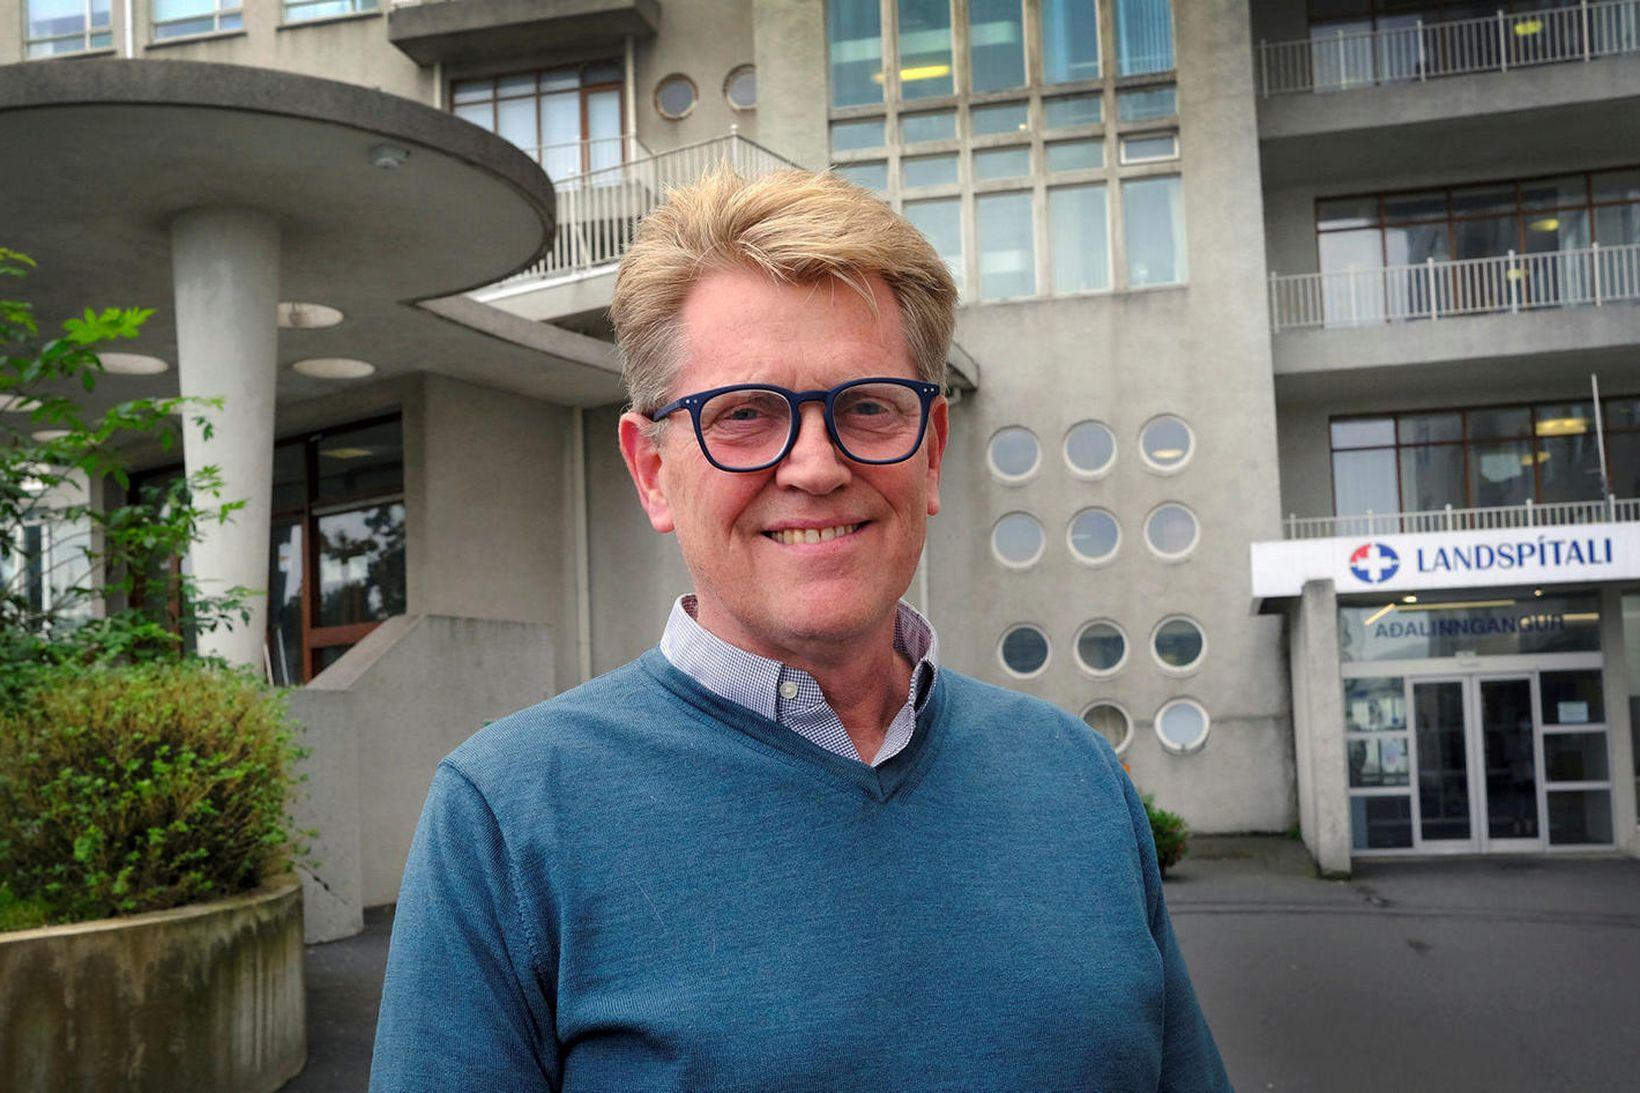 Már Kristjánsson, yfirlæknir smitsjúkdómadeildar á Landspítala.